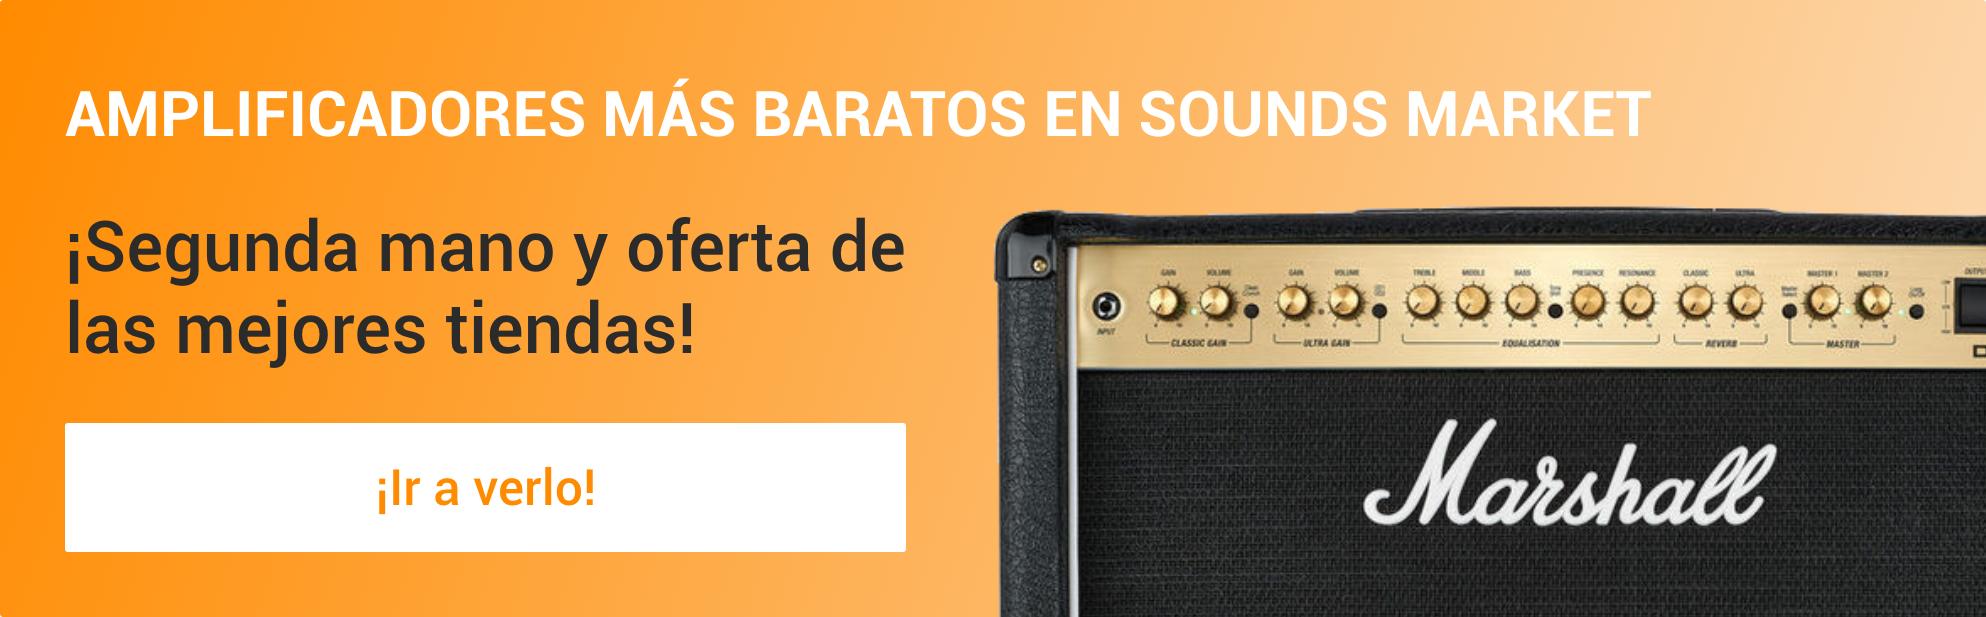 los mejores amplificadores mas baratos en Sounds Market